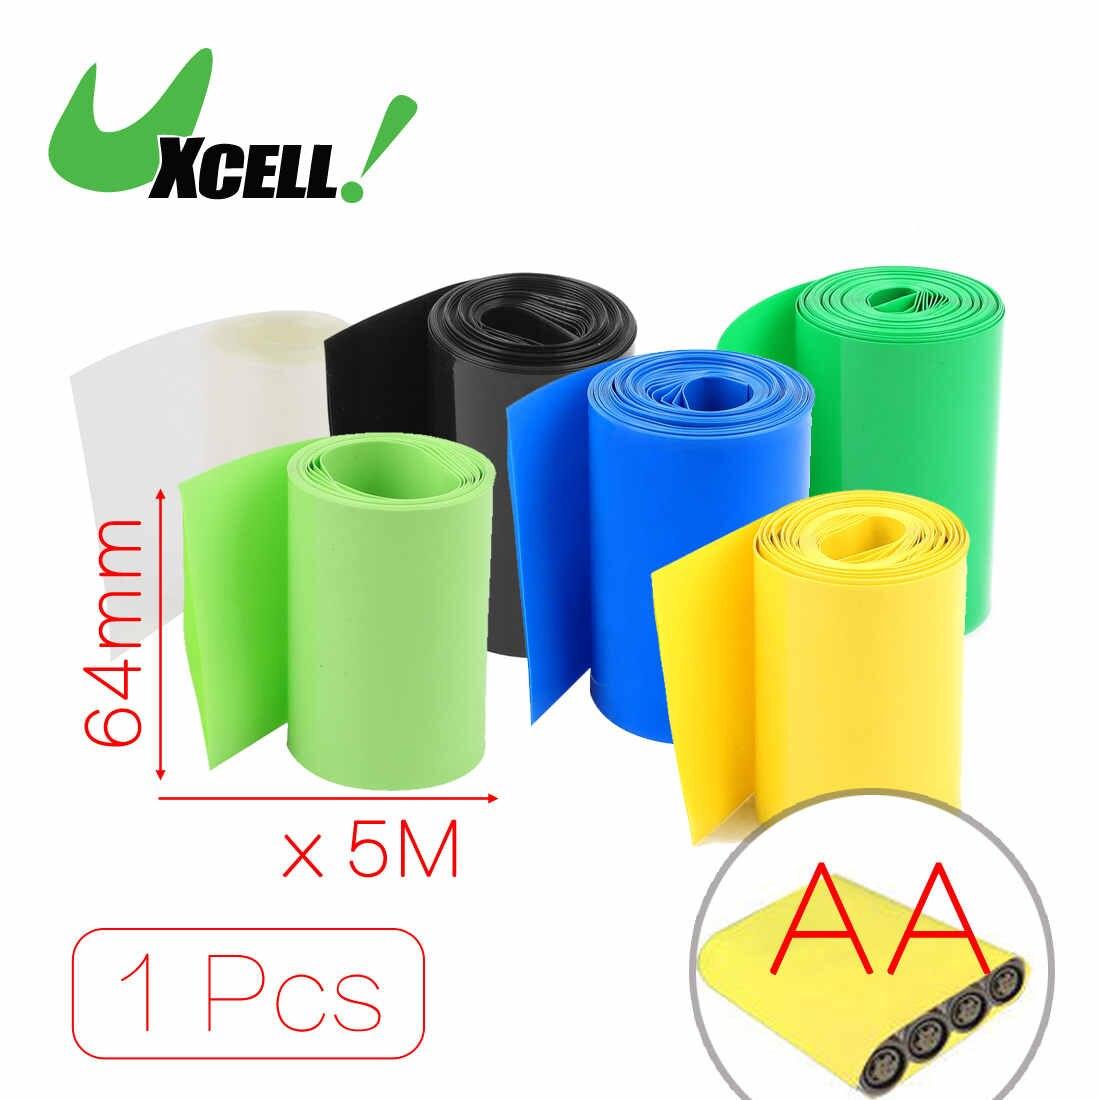 Uxcell 5 метров 64 мм Ширина ПВХ термоусадочная трубка желтый для <font><b>AA</b></font> Батарея пакет. | Черный | синий | ясно | Зеленый | grren | желтый